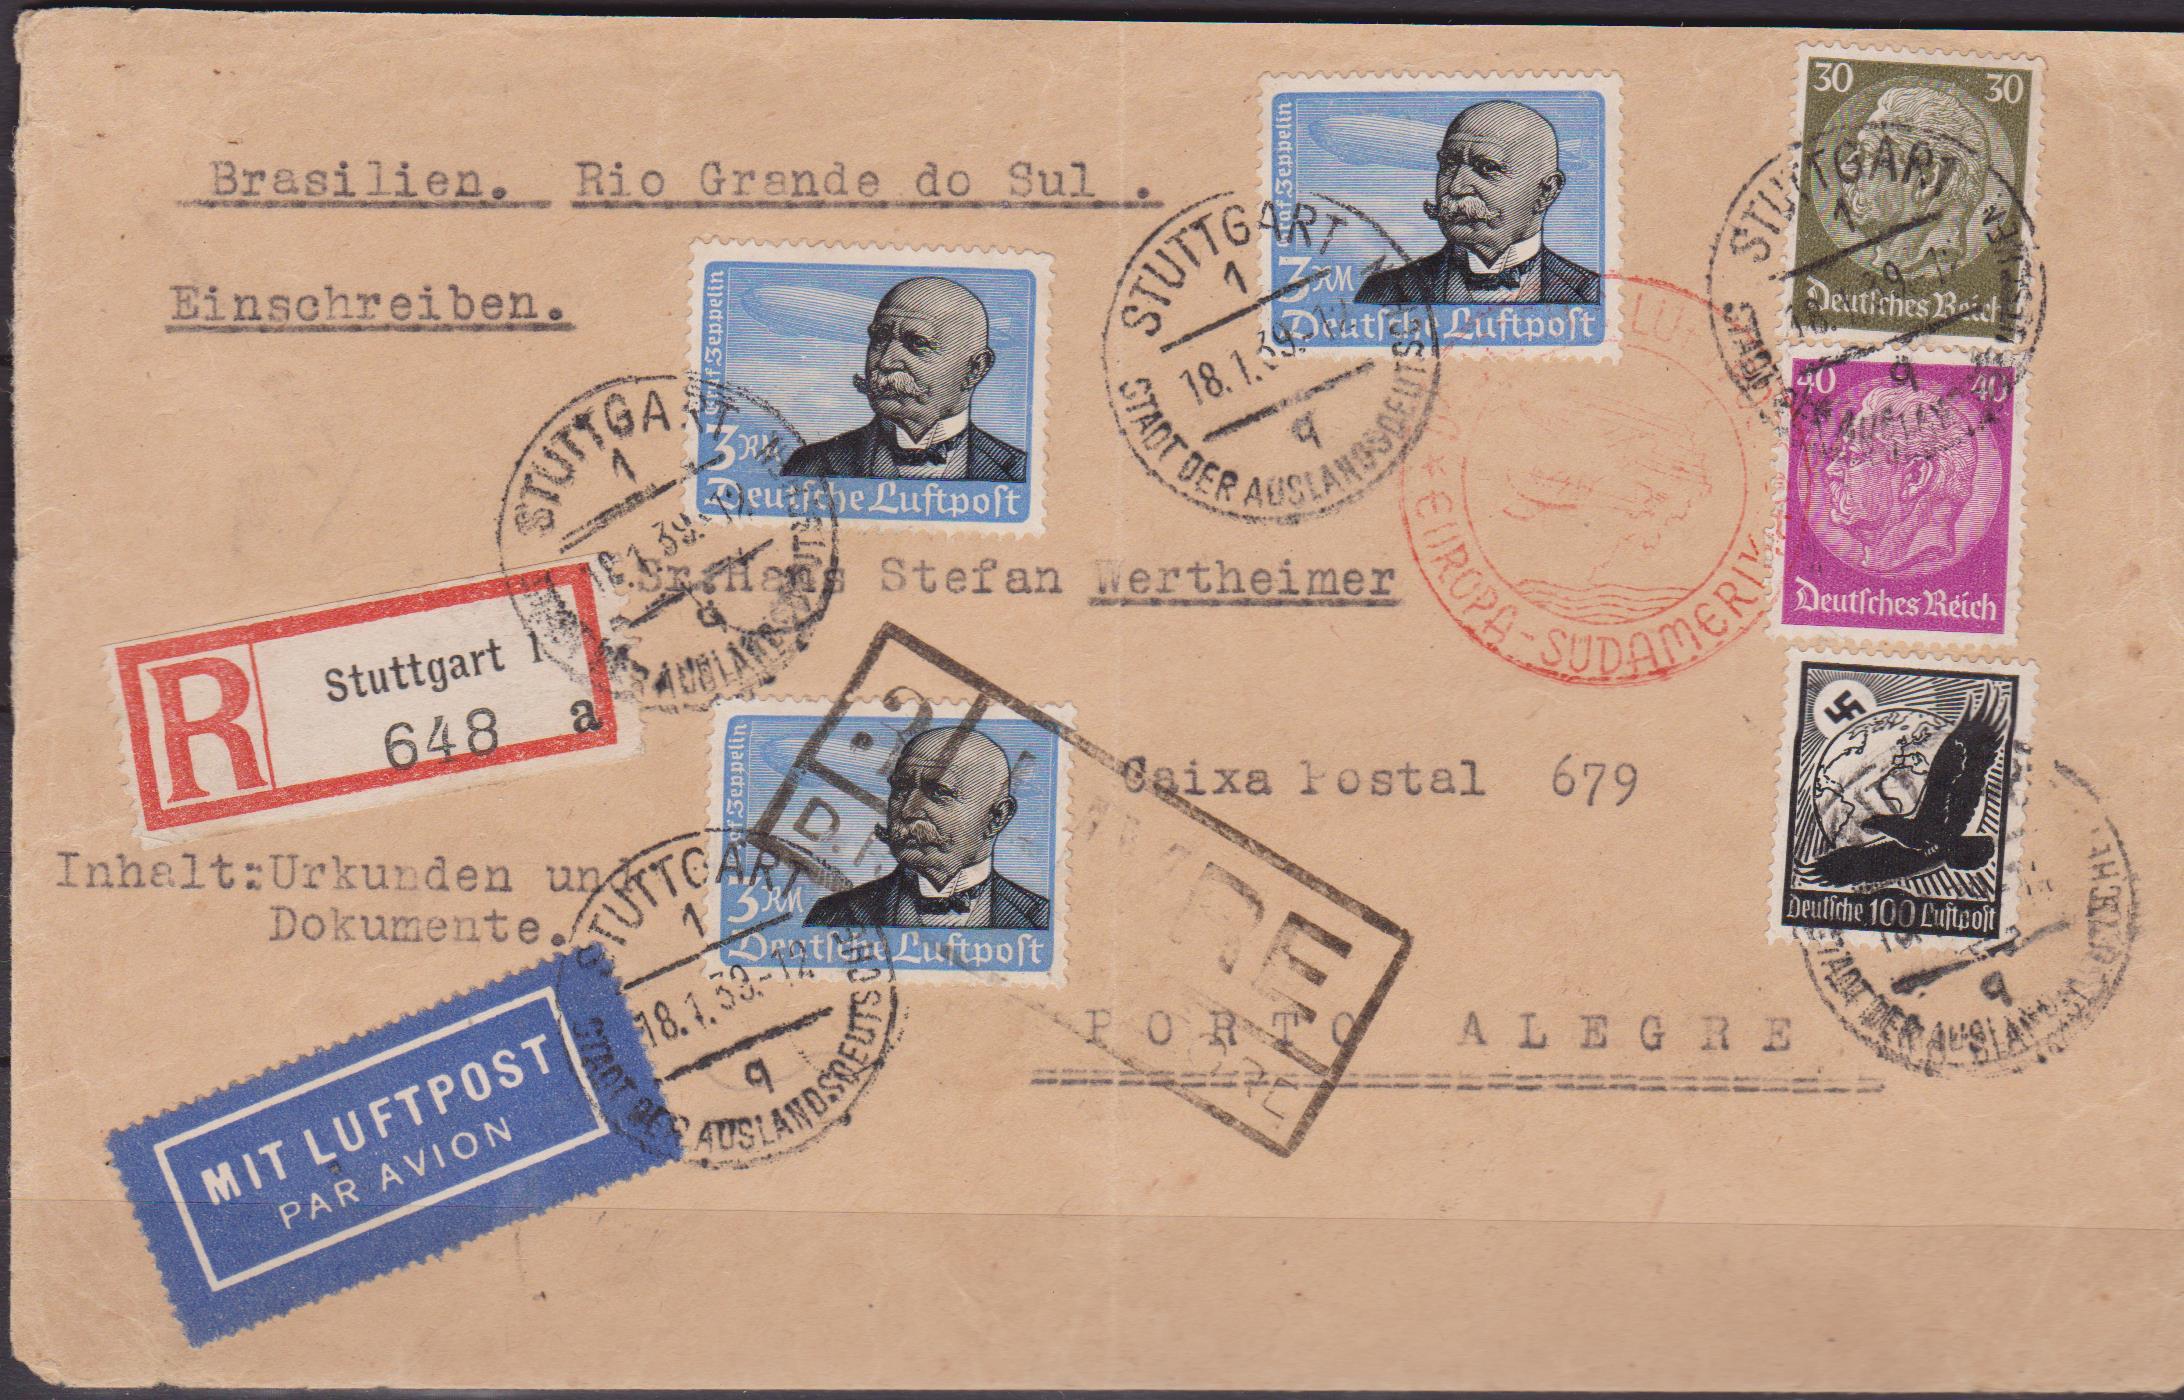 lettere-posta-aerea-003